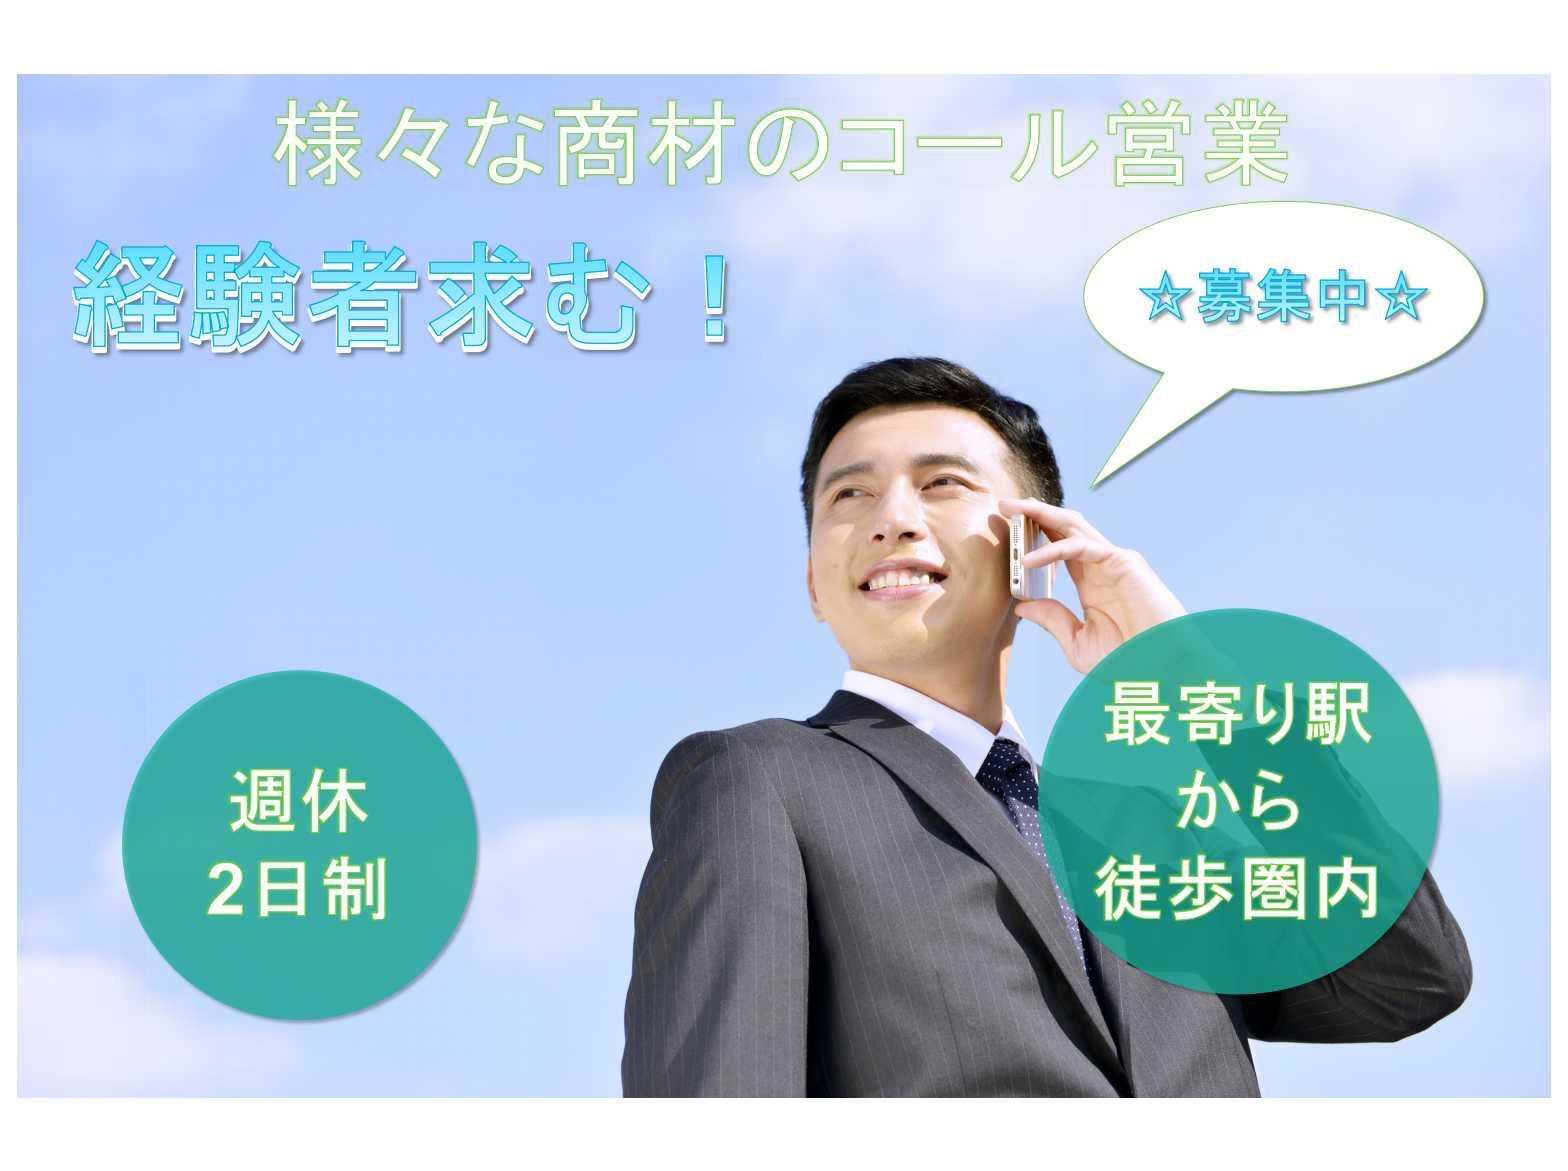 経験者求む!【正社員募集中】◆週休2日制◆様々な商材のコール営業【名古屋市】 イメージ